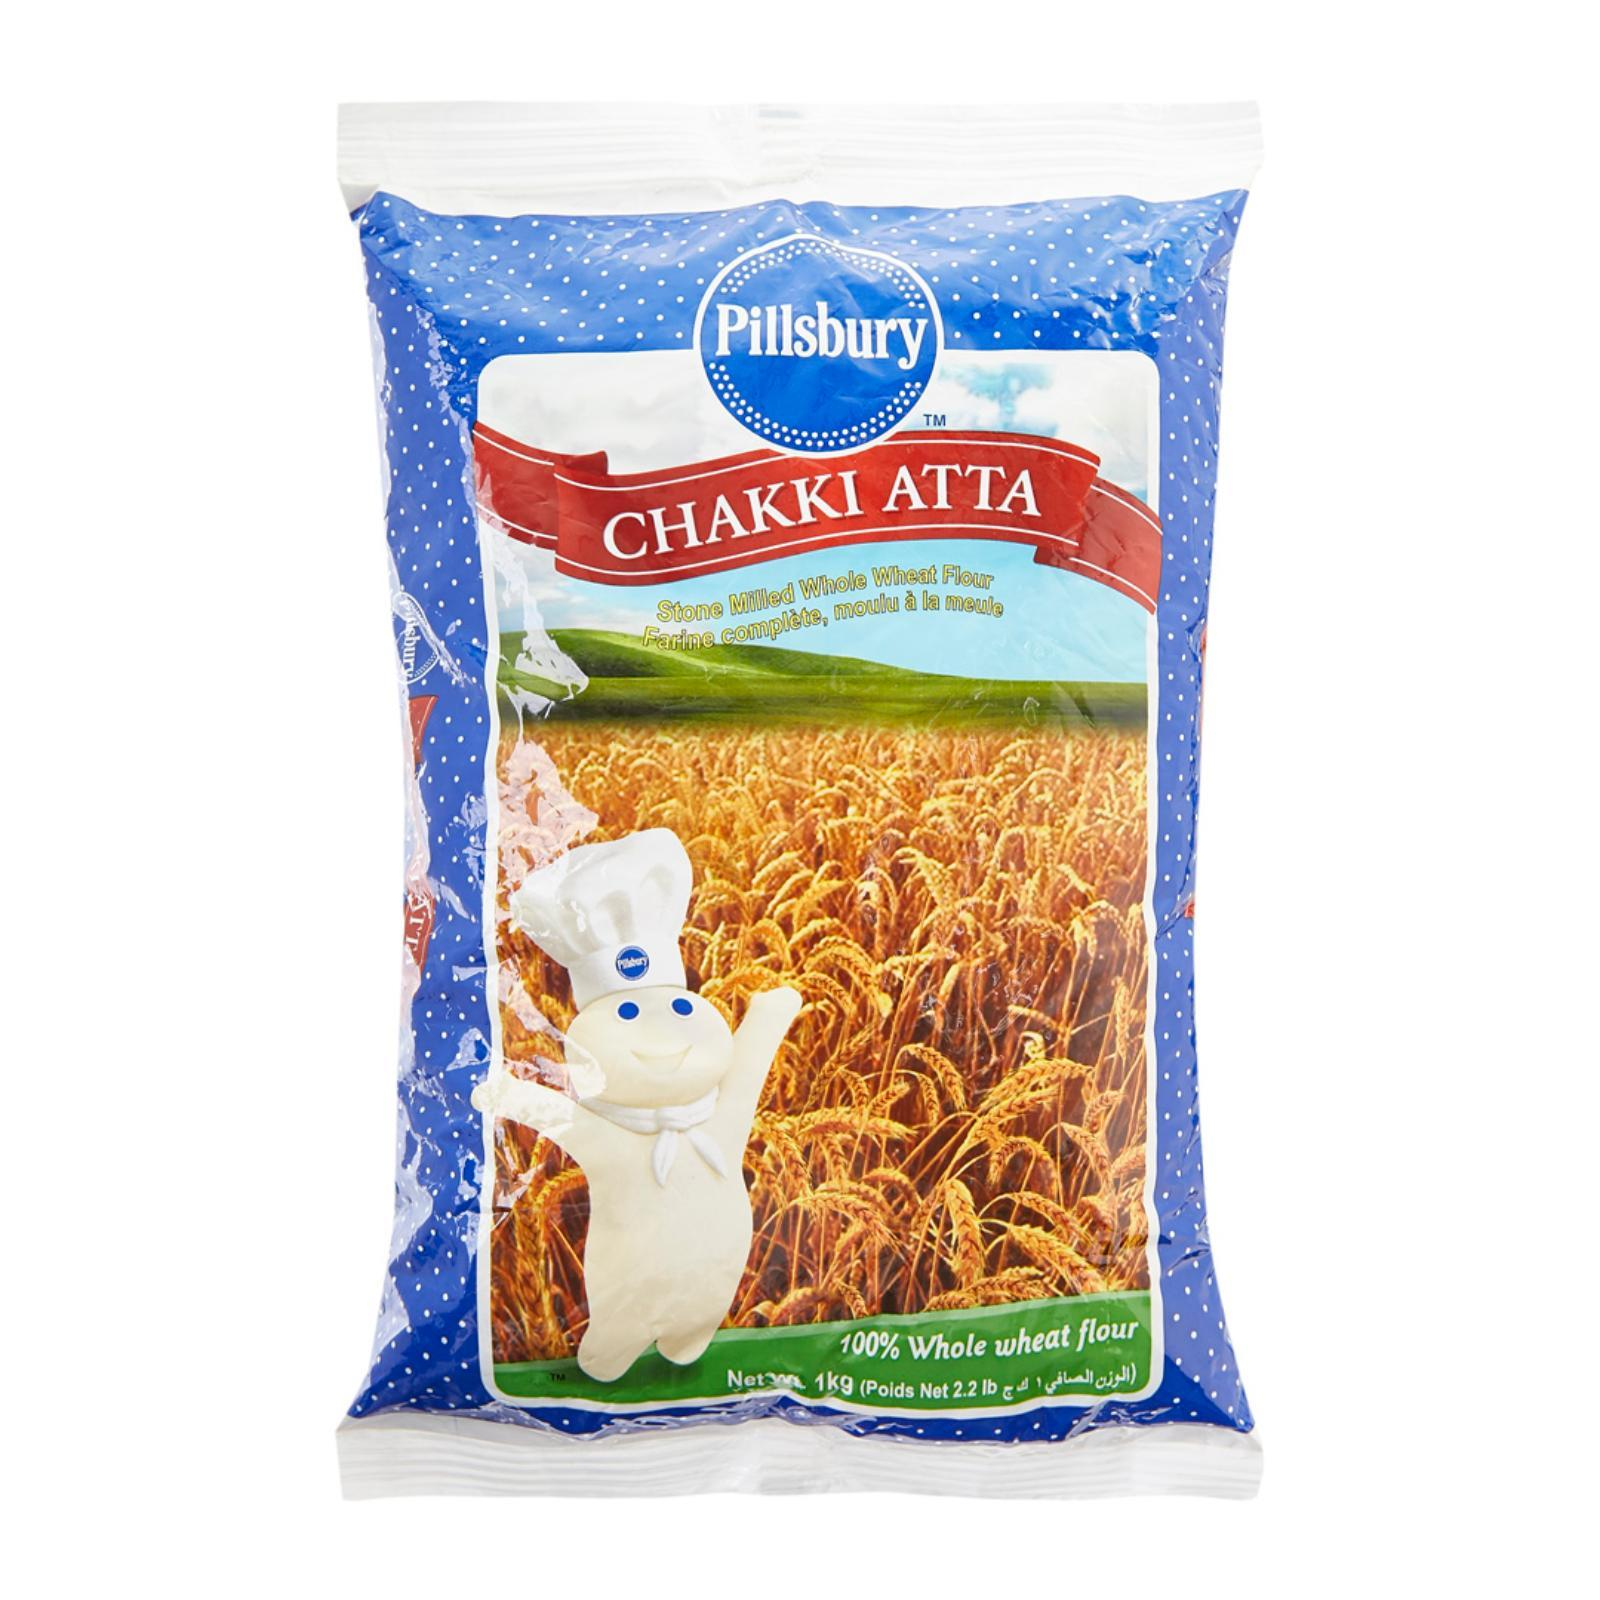 Pillsbury Atta Whole Wheat flour